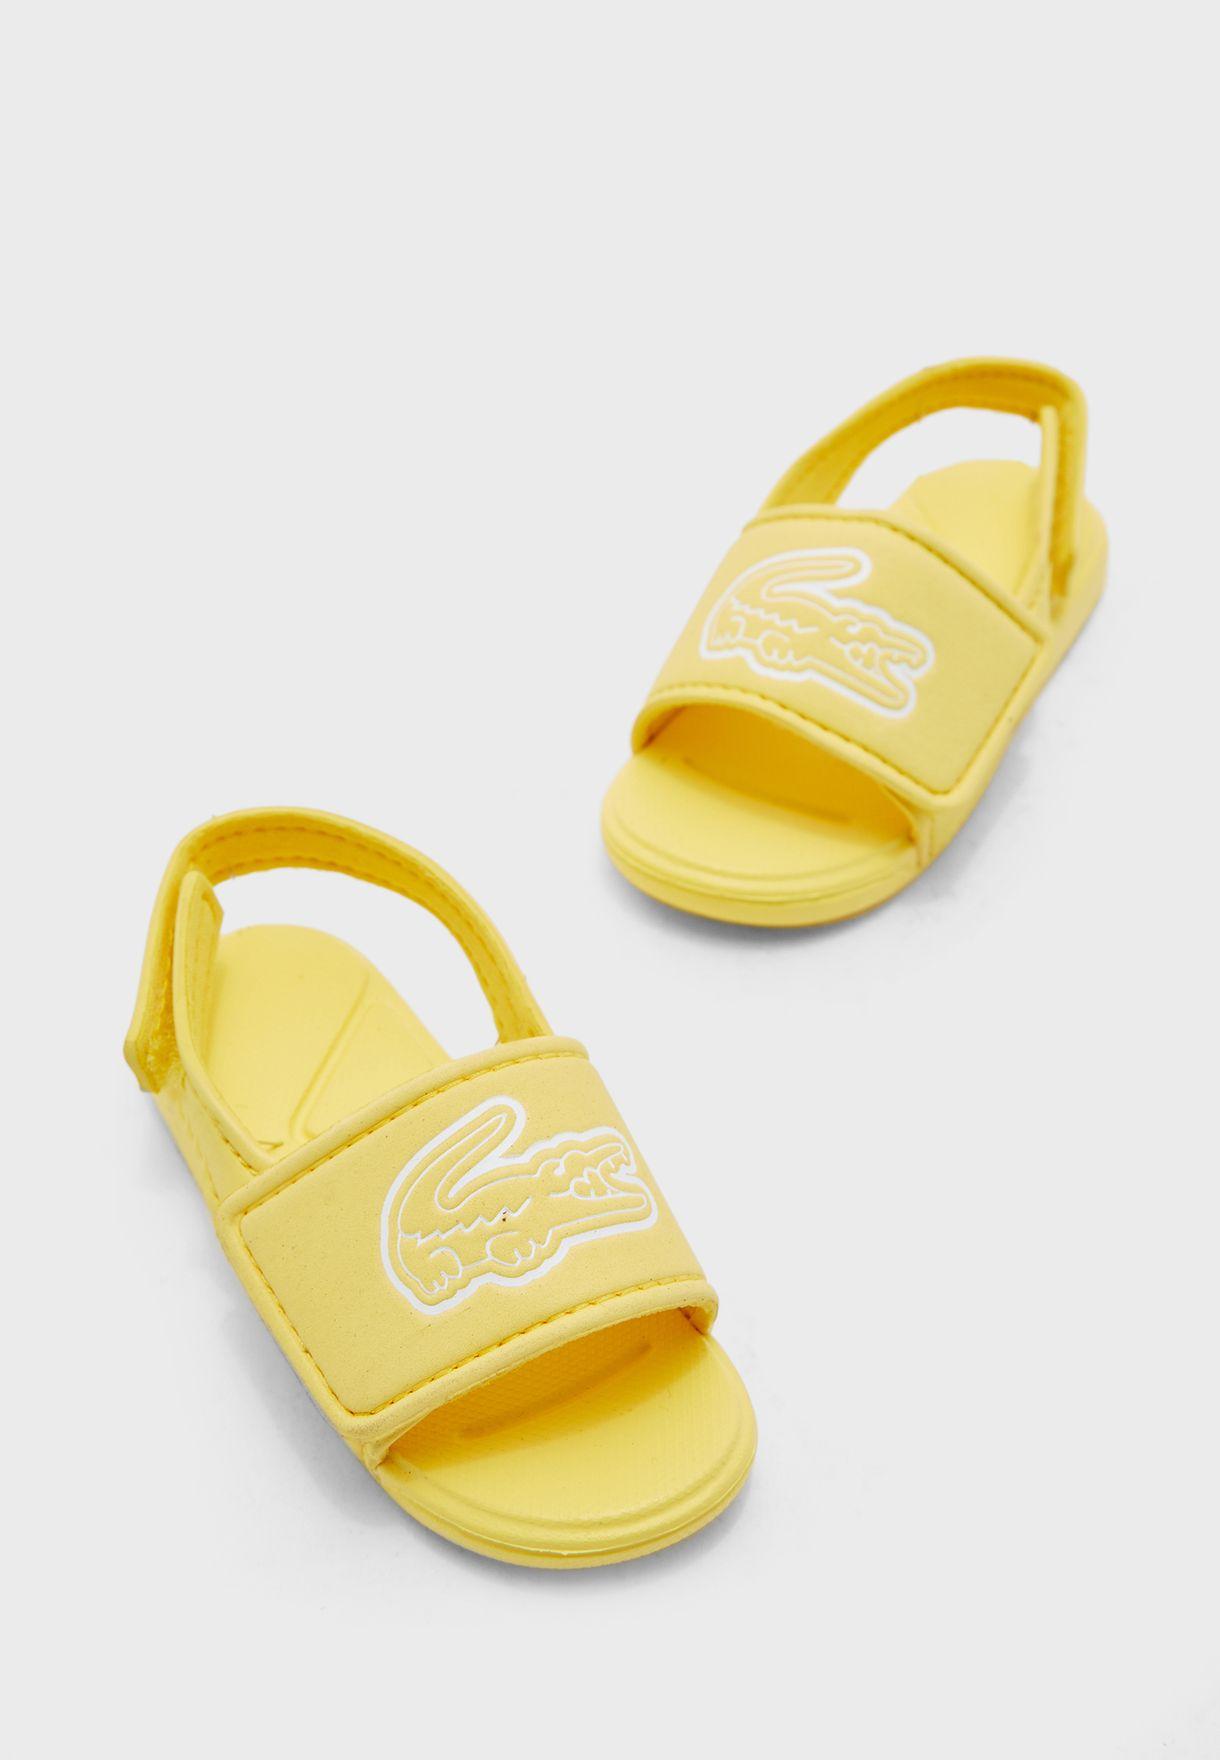 Lacoste Kids L.30 Strap 1201 Cui Slide Sandal